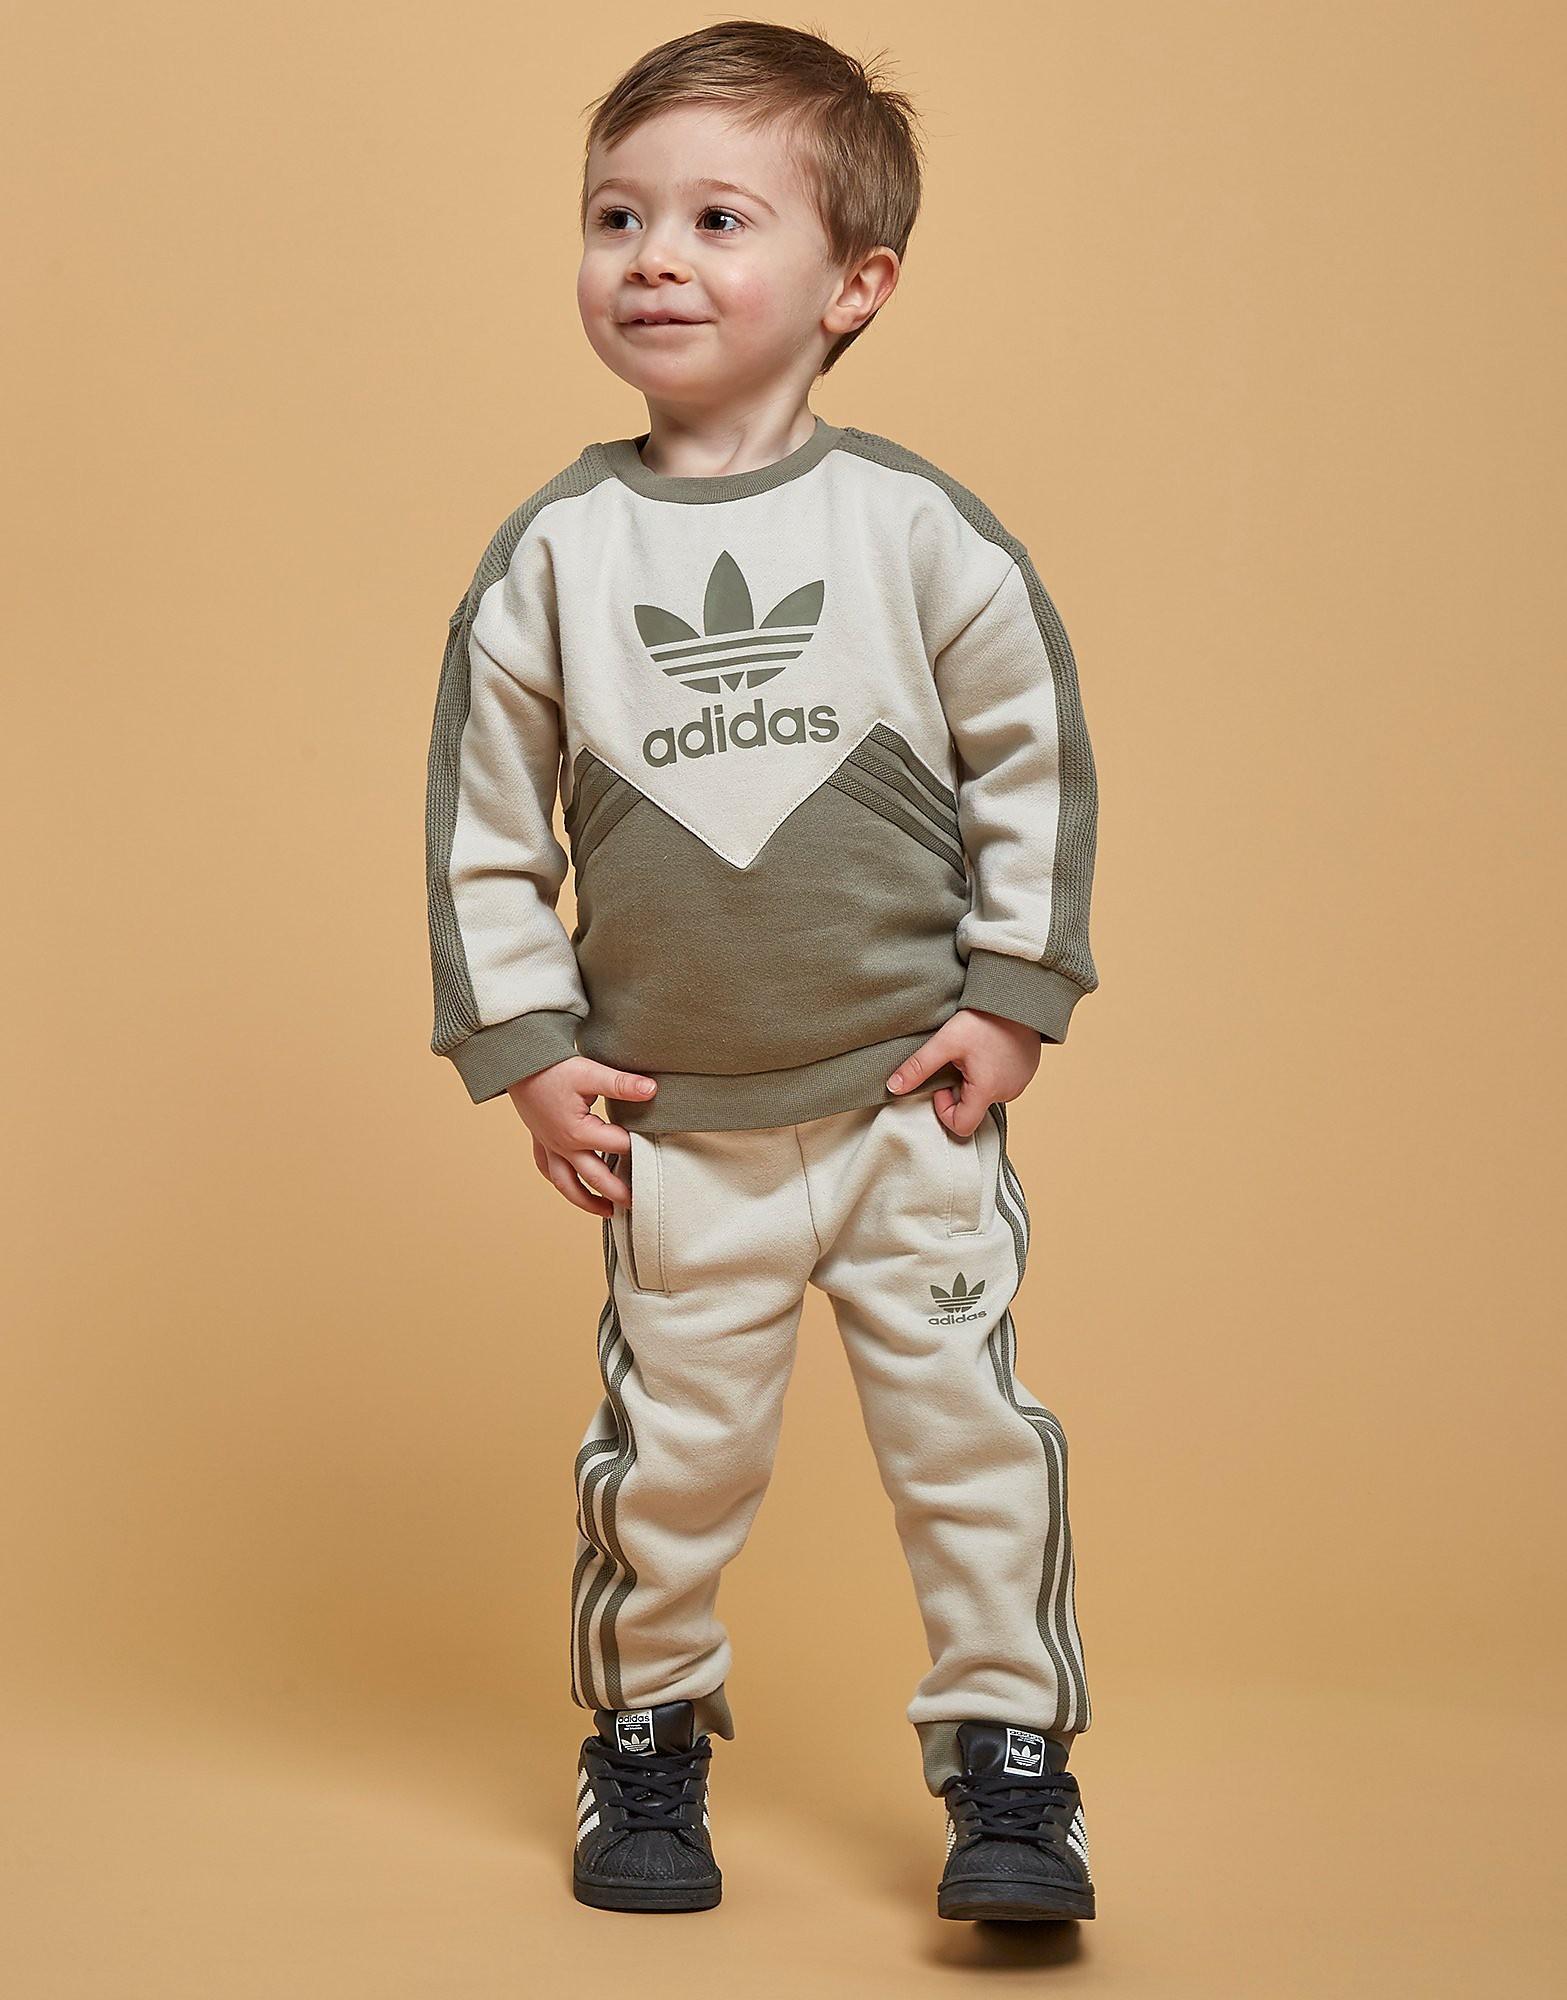 adidas Originals chándal MOA Crew para bebé